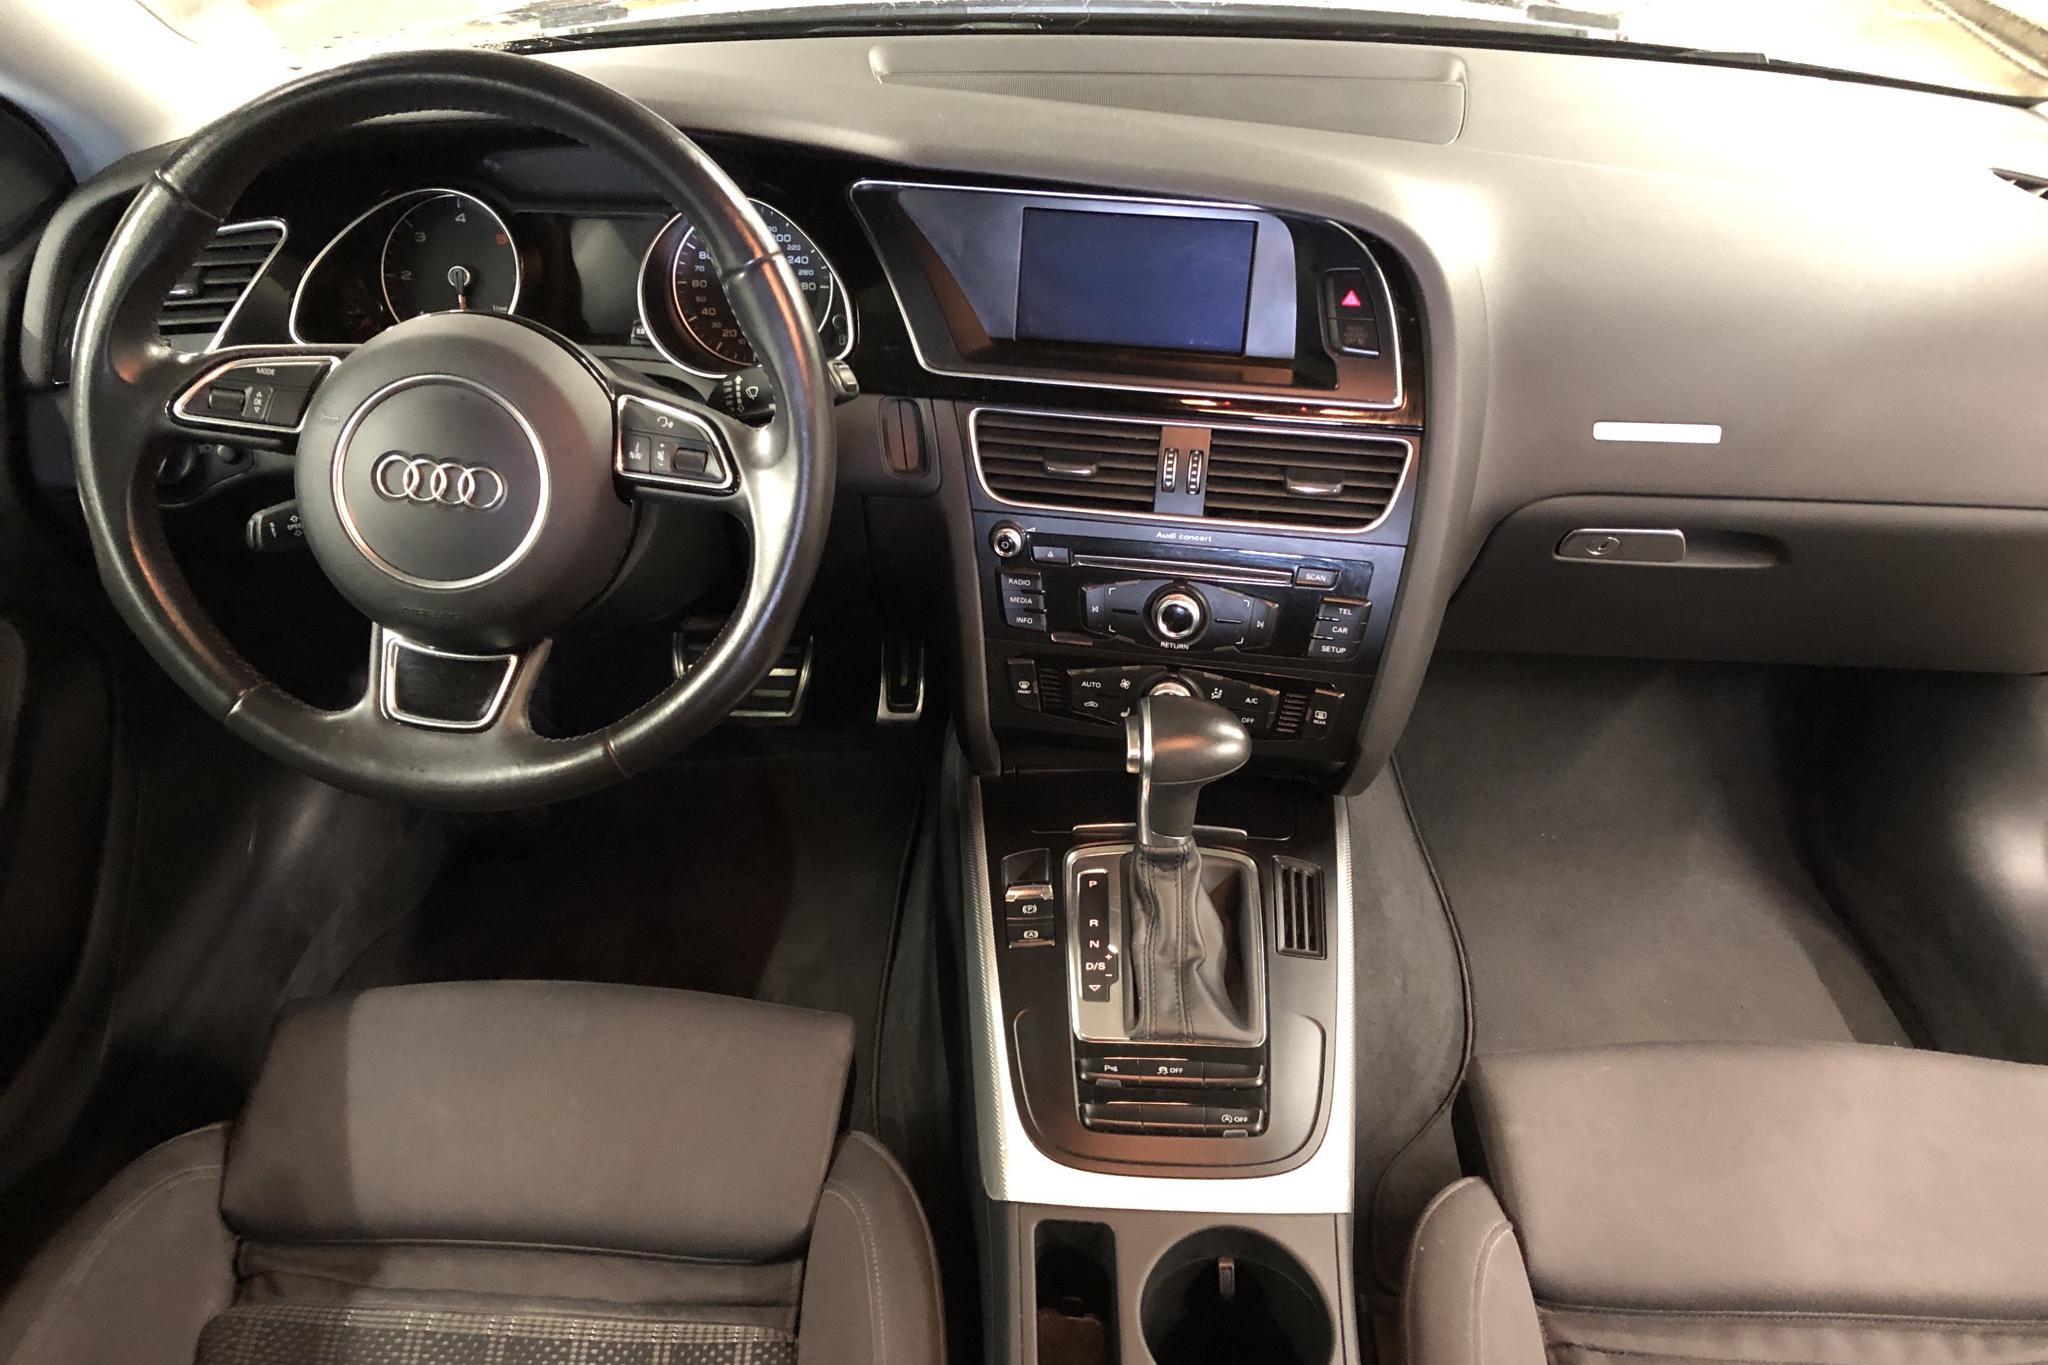 Audi A5 2.0 TDI Clean diesel Sportback quattro (190hk) - 18 956 mil - Automat - svart - 2016